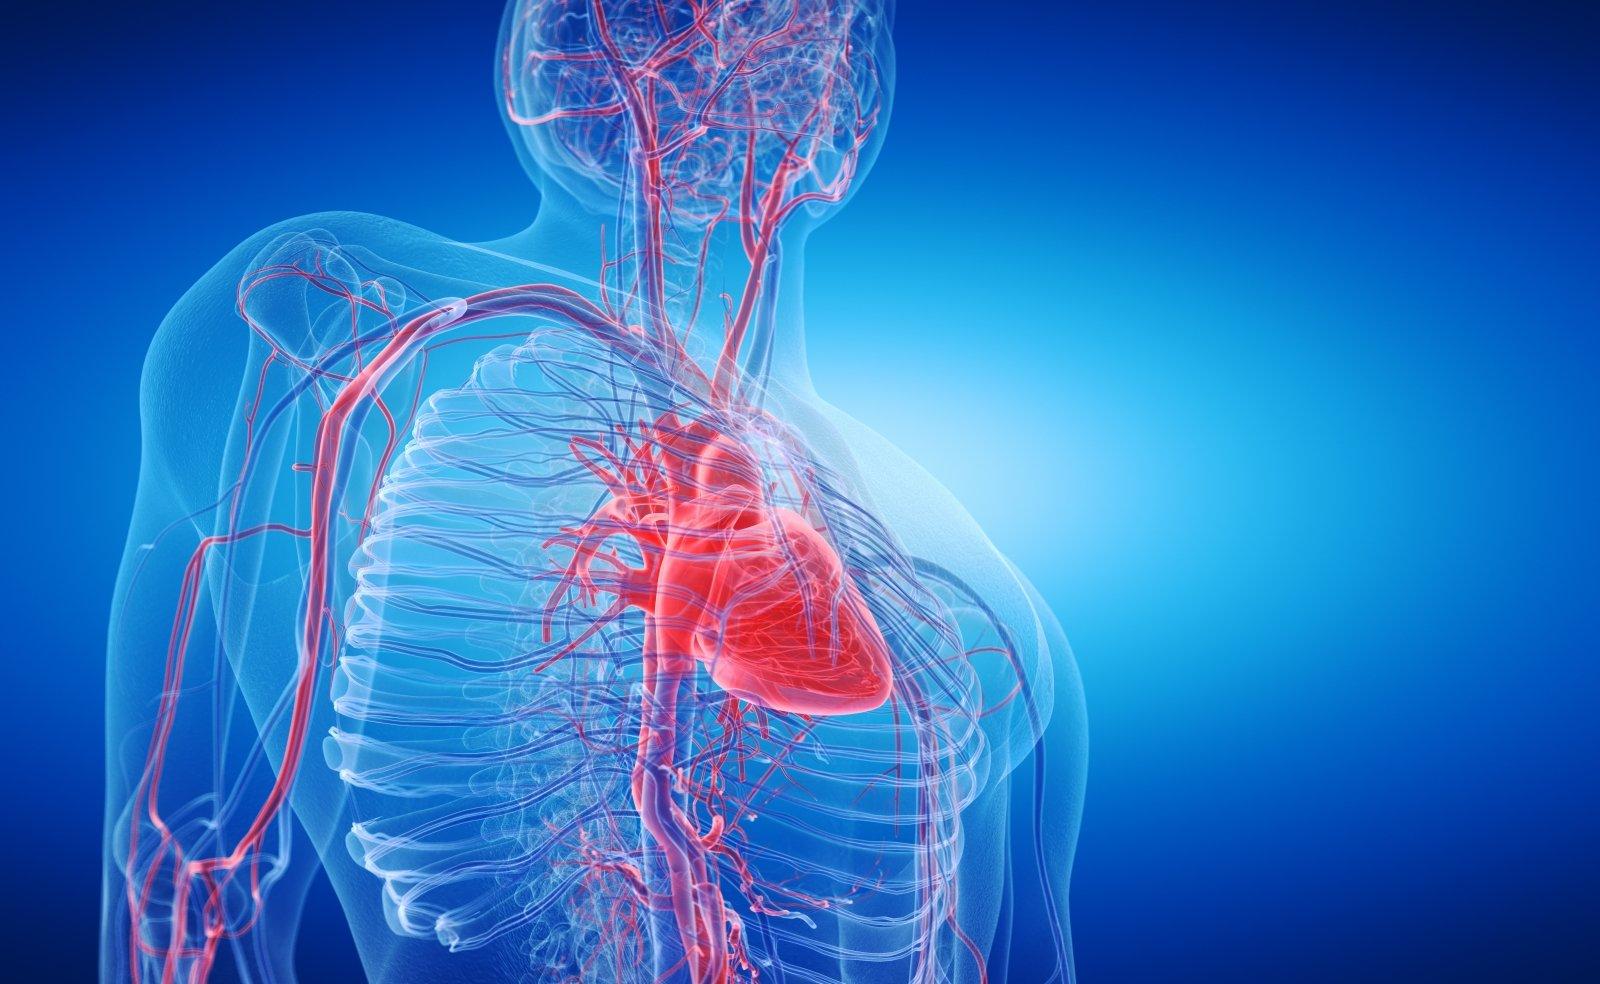 populiarūs straipsniai apie hipertenziją mankšta dėl hipertenzijos slėgio